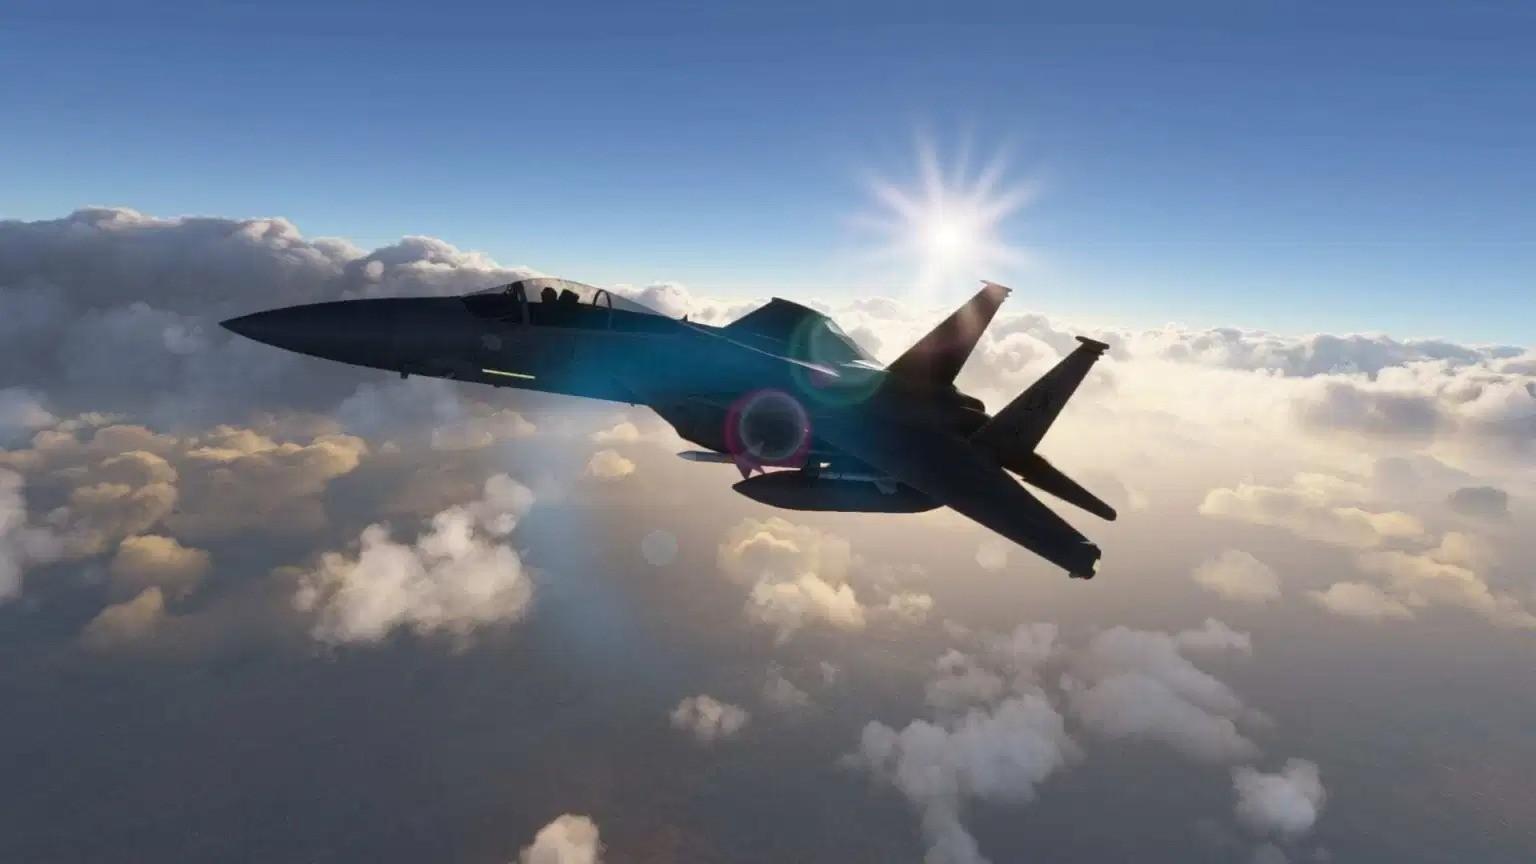 《微软飞行模拟》F-15鹰式战斗机预告片分享